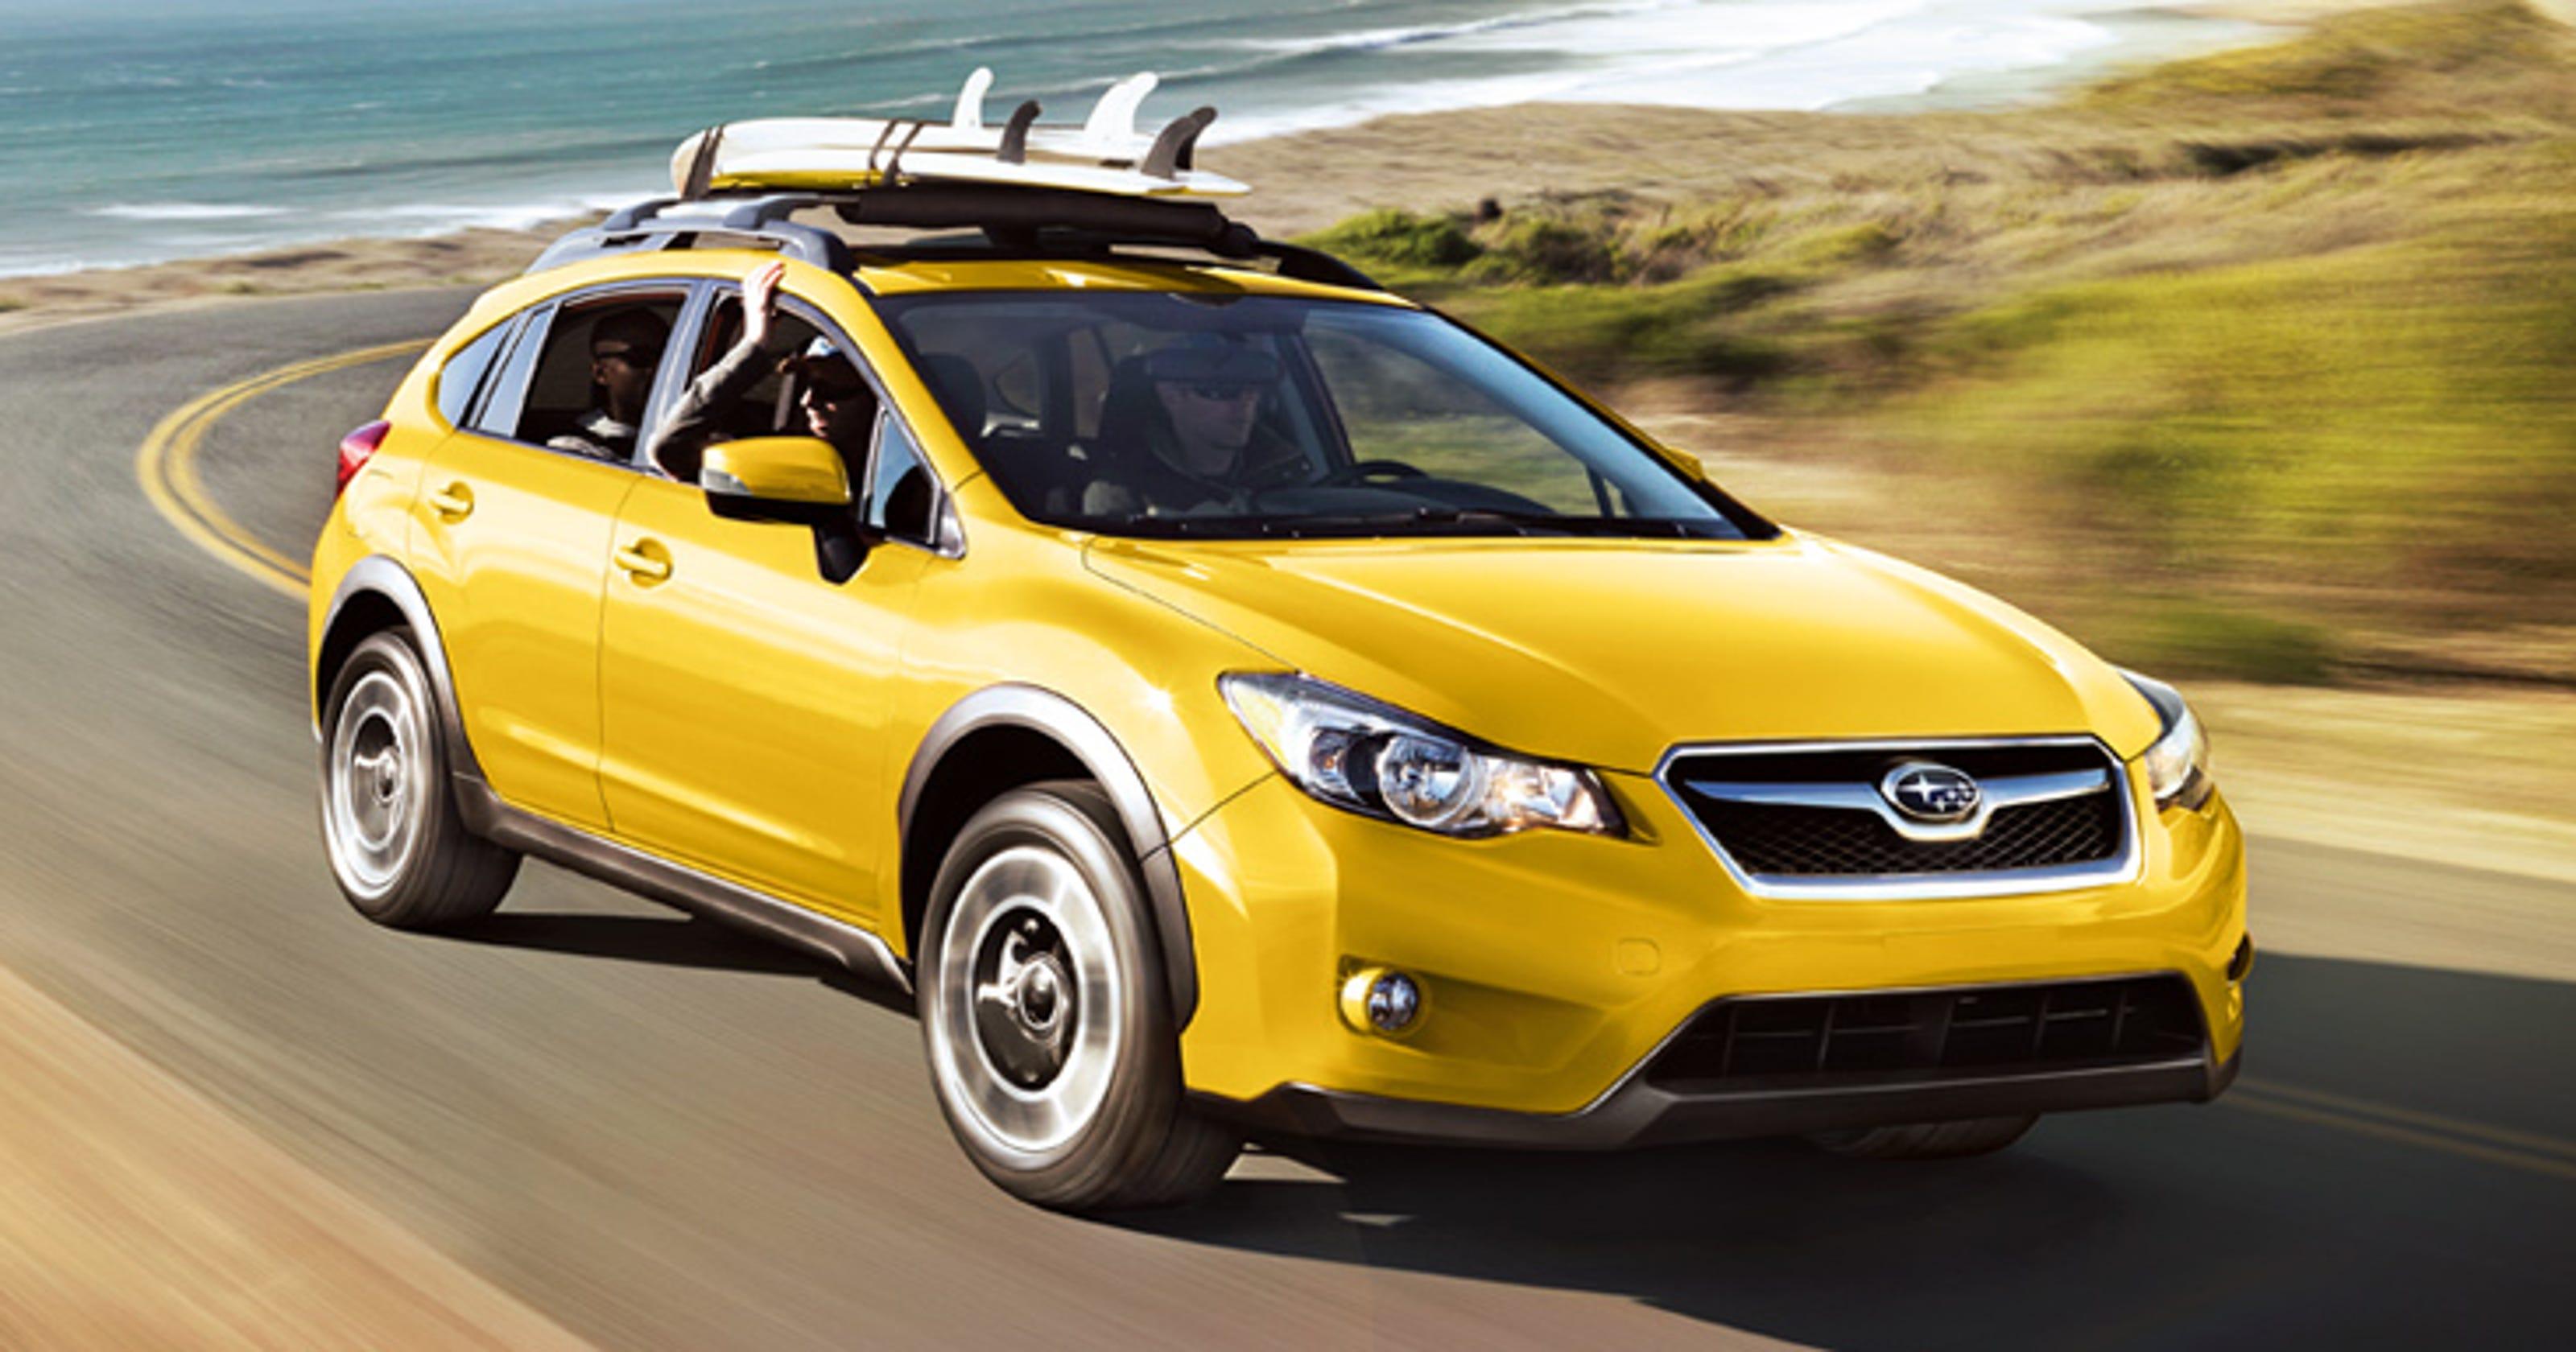 Subaru Bill Pay >> Subaru XV Crosstrek's yellow edition isn't mellow